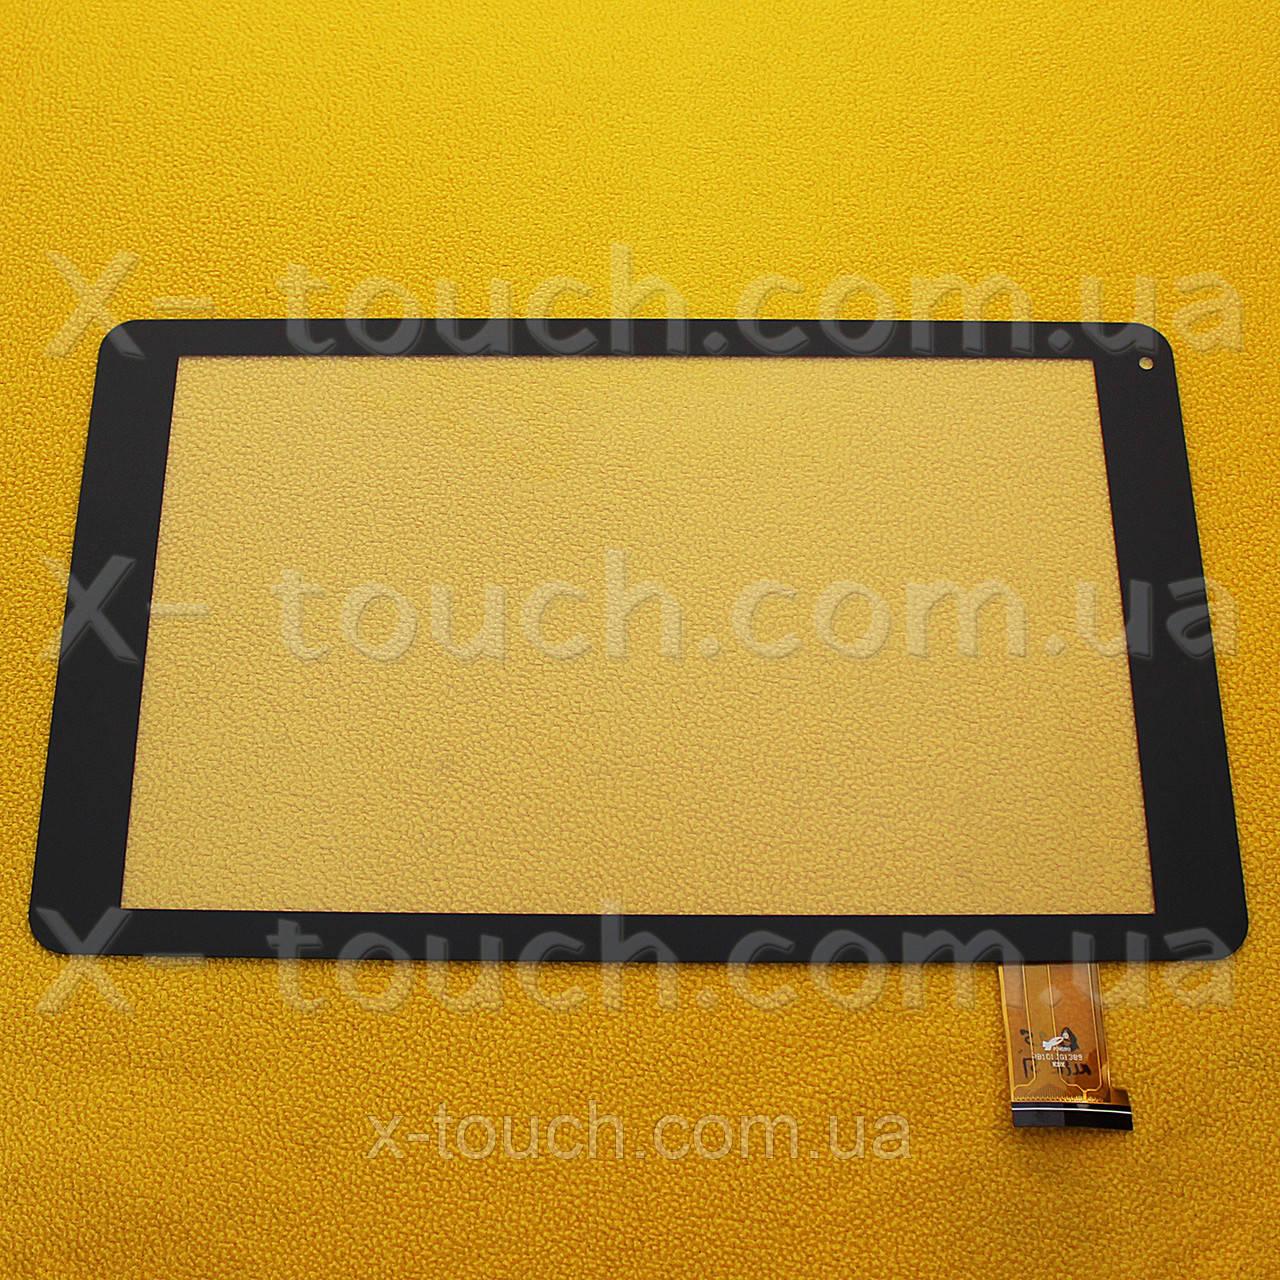 Тачскрин, сенсор VTCP101A66-FPC-2.0 для планшета